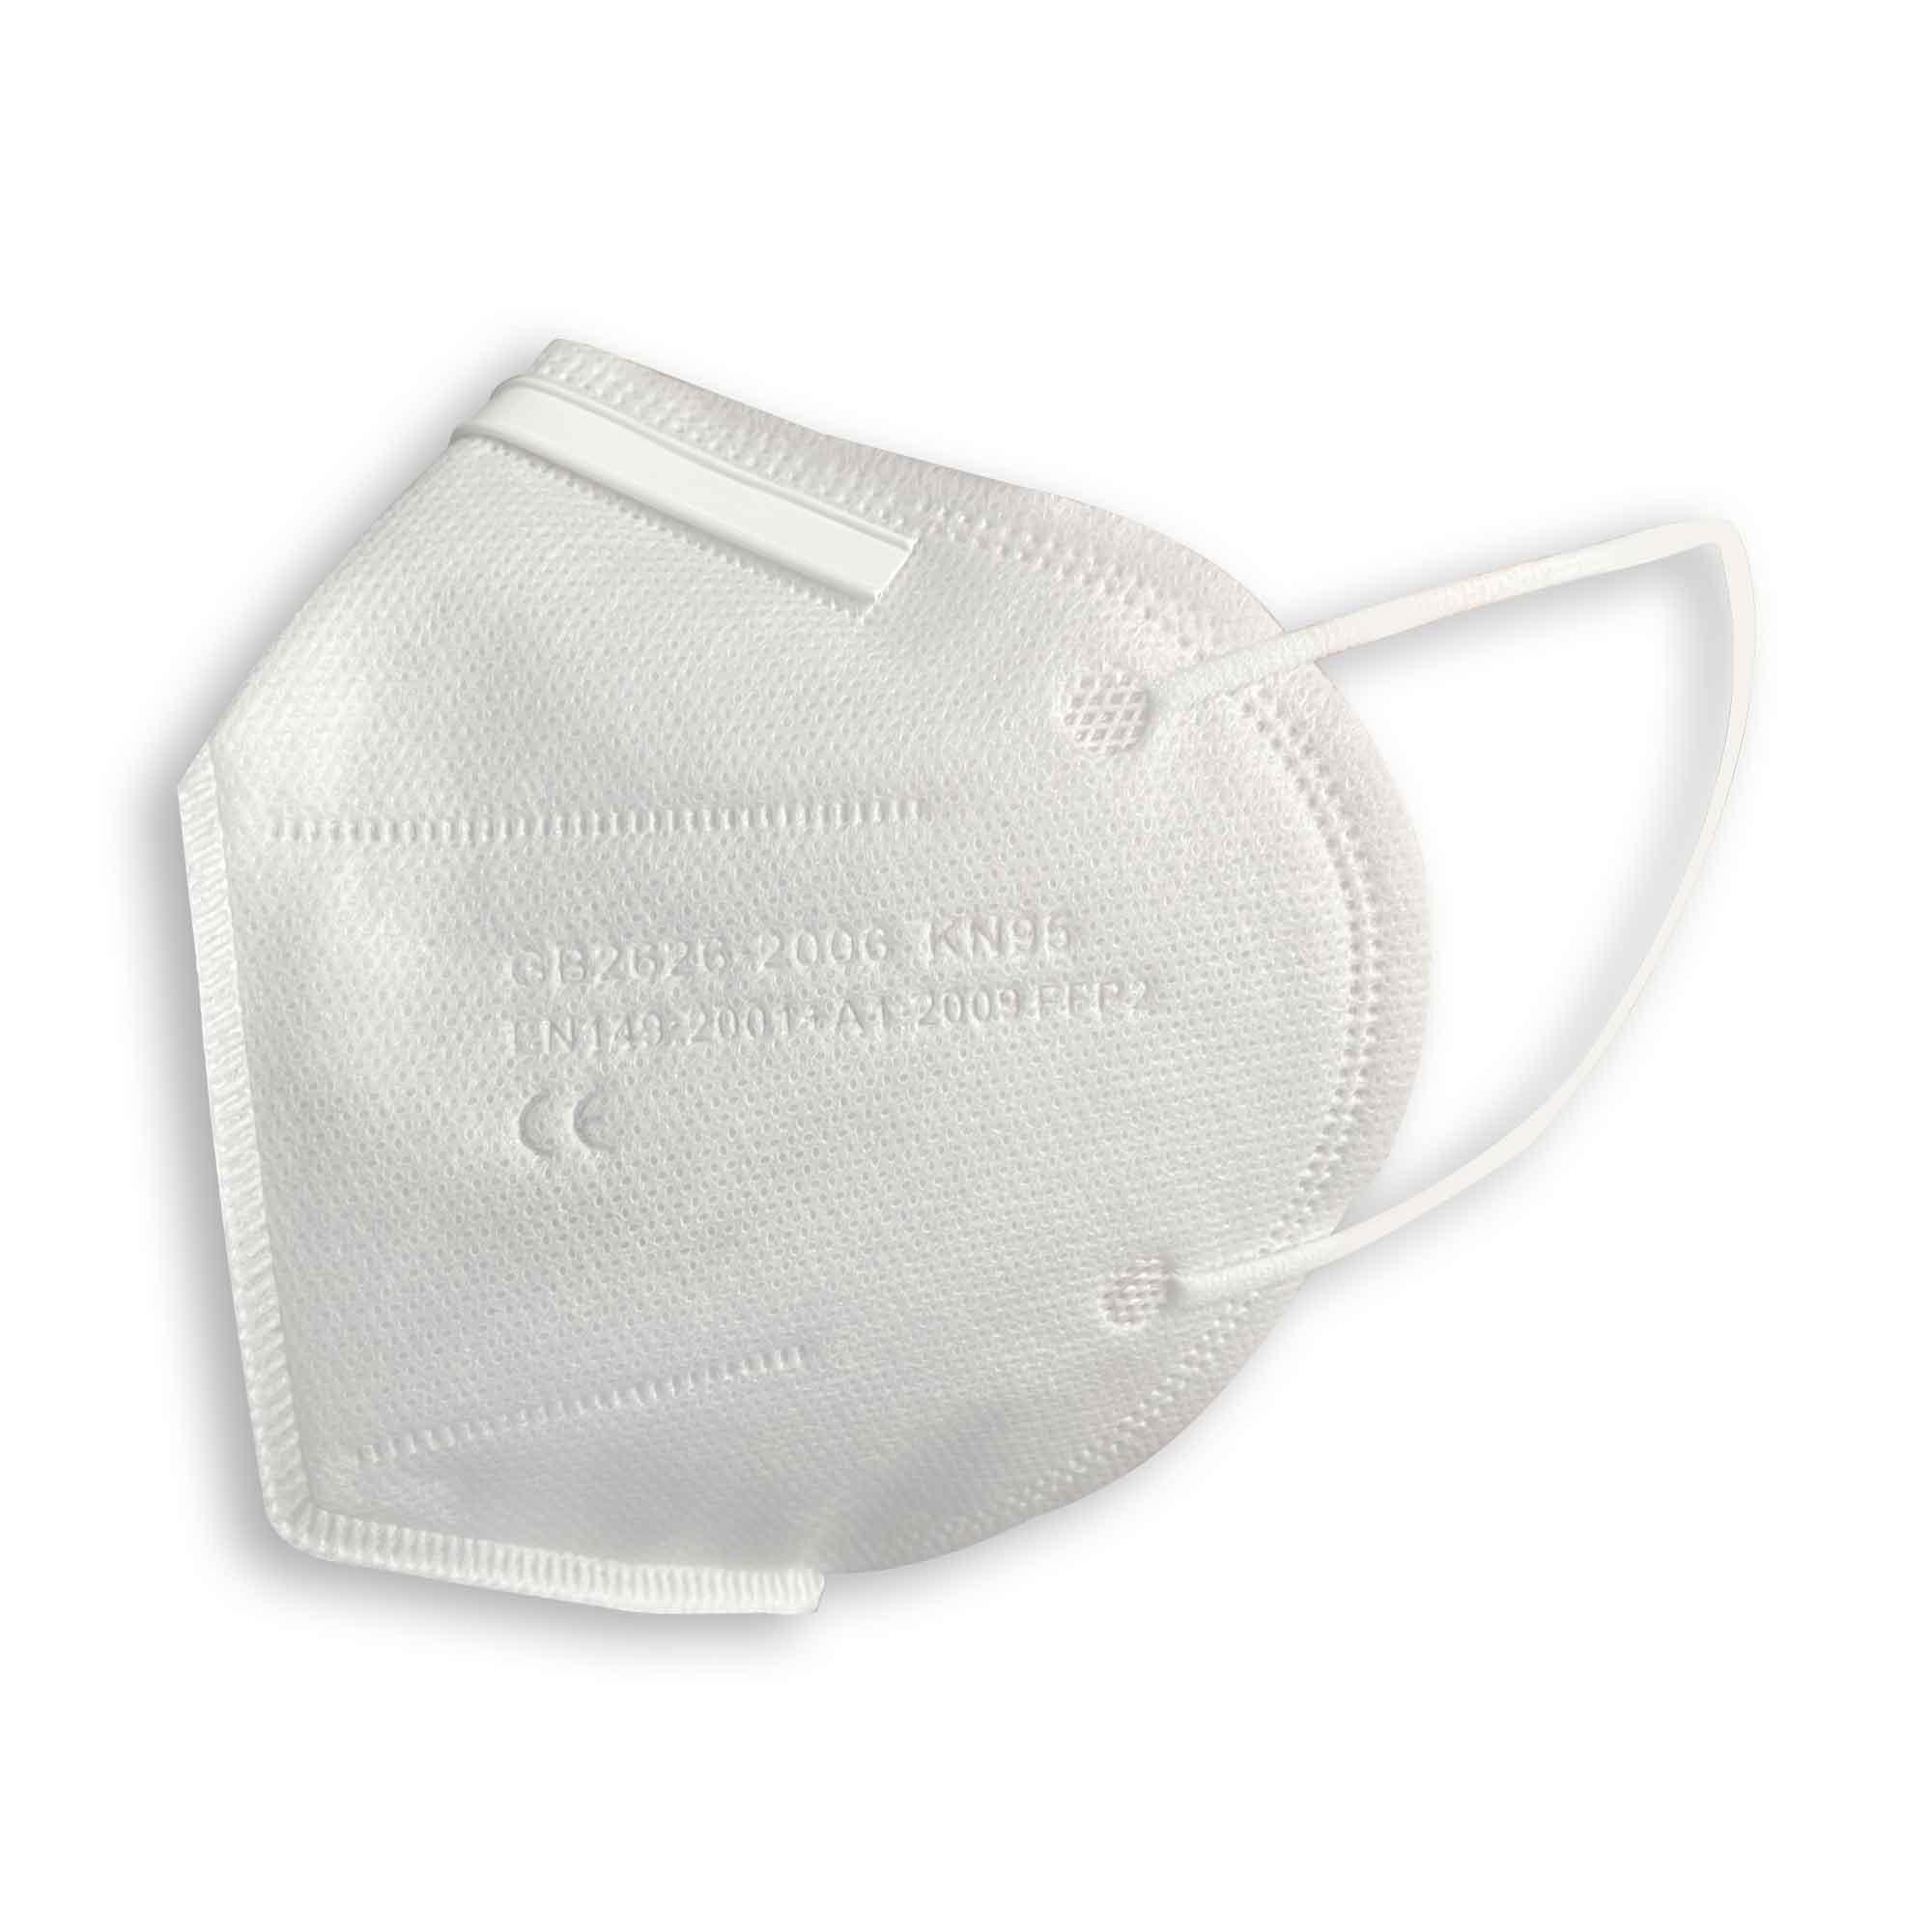 Mundschutzmaske FFP2 / KN95